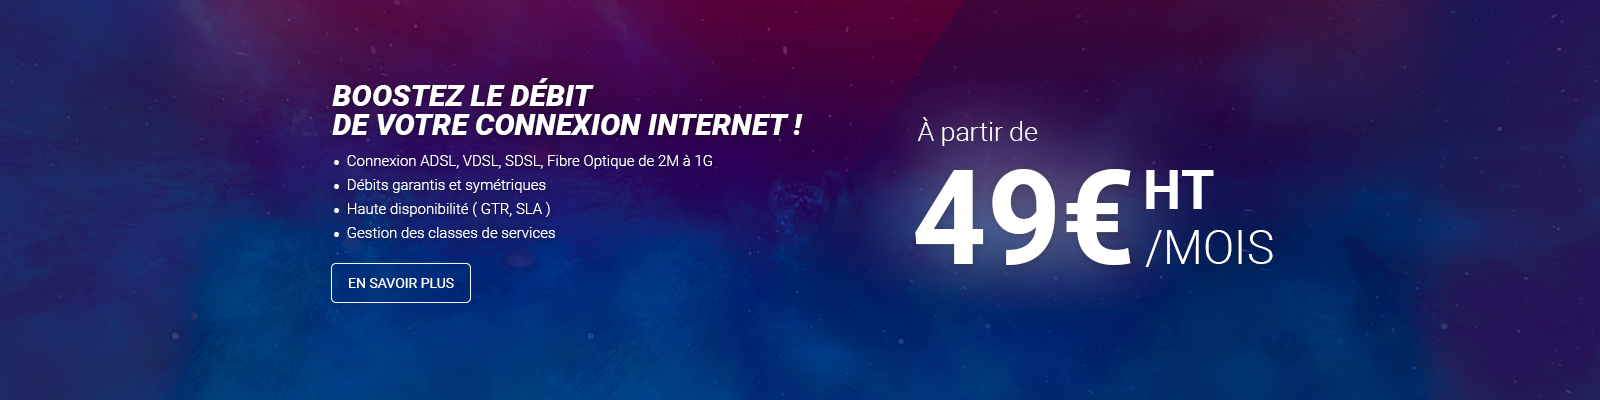 Ligne internet ADSL, VDSL, SDSL et Fibre